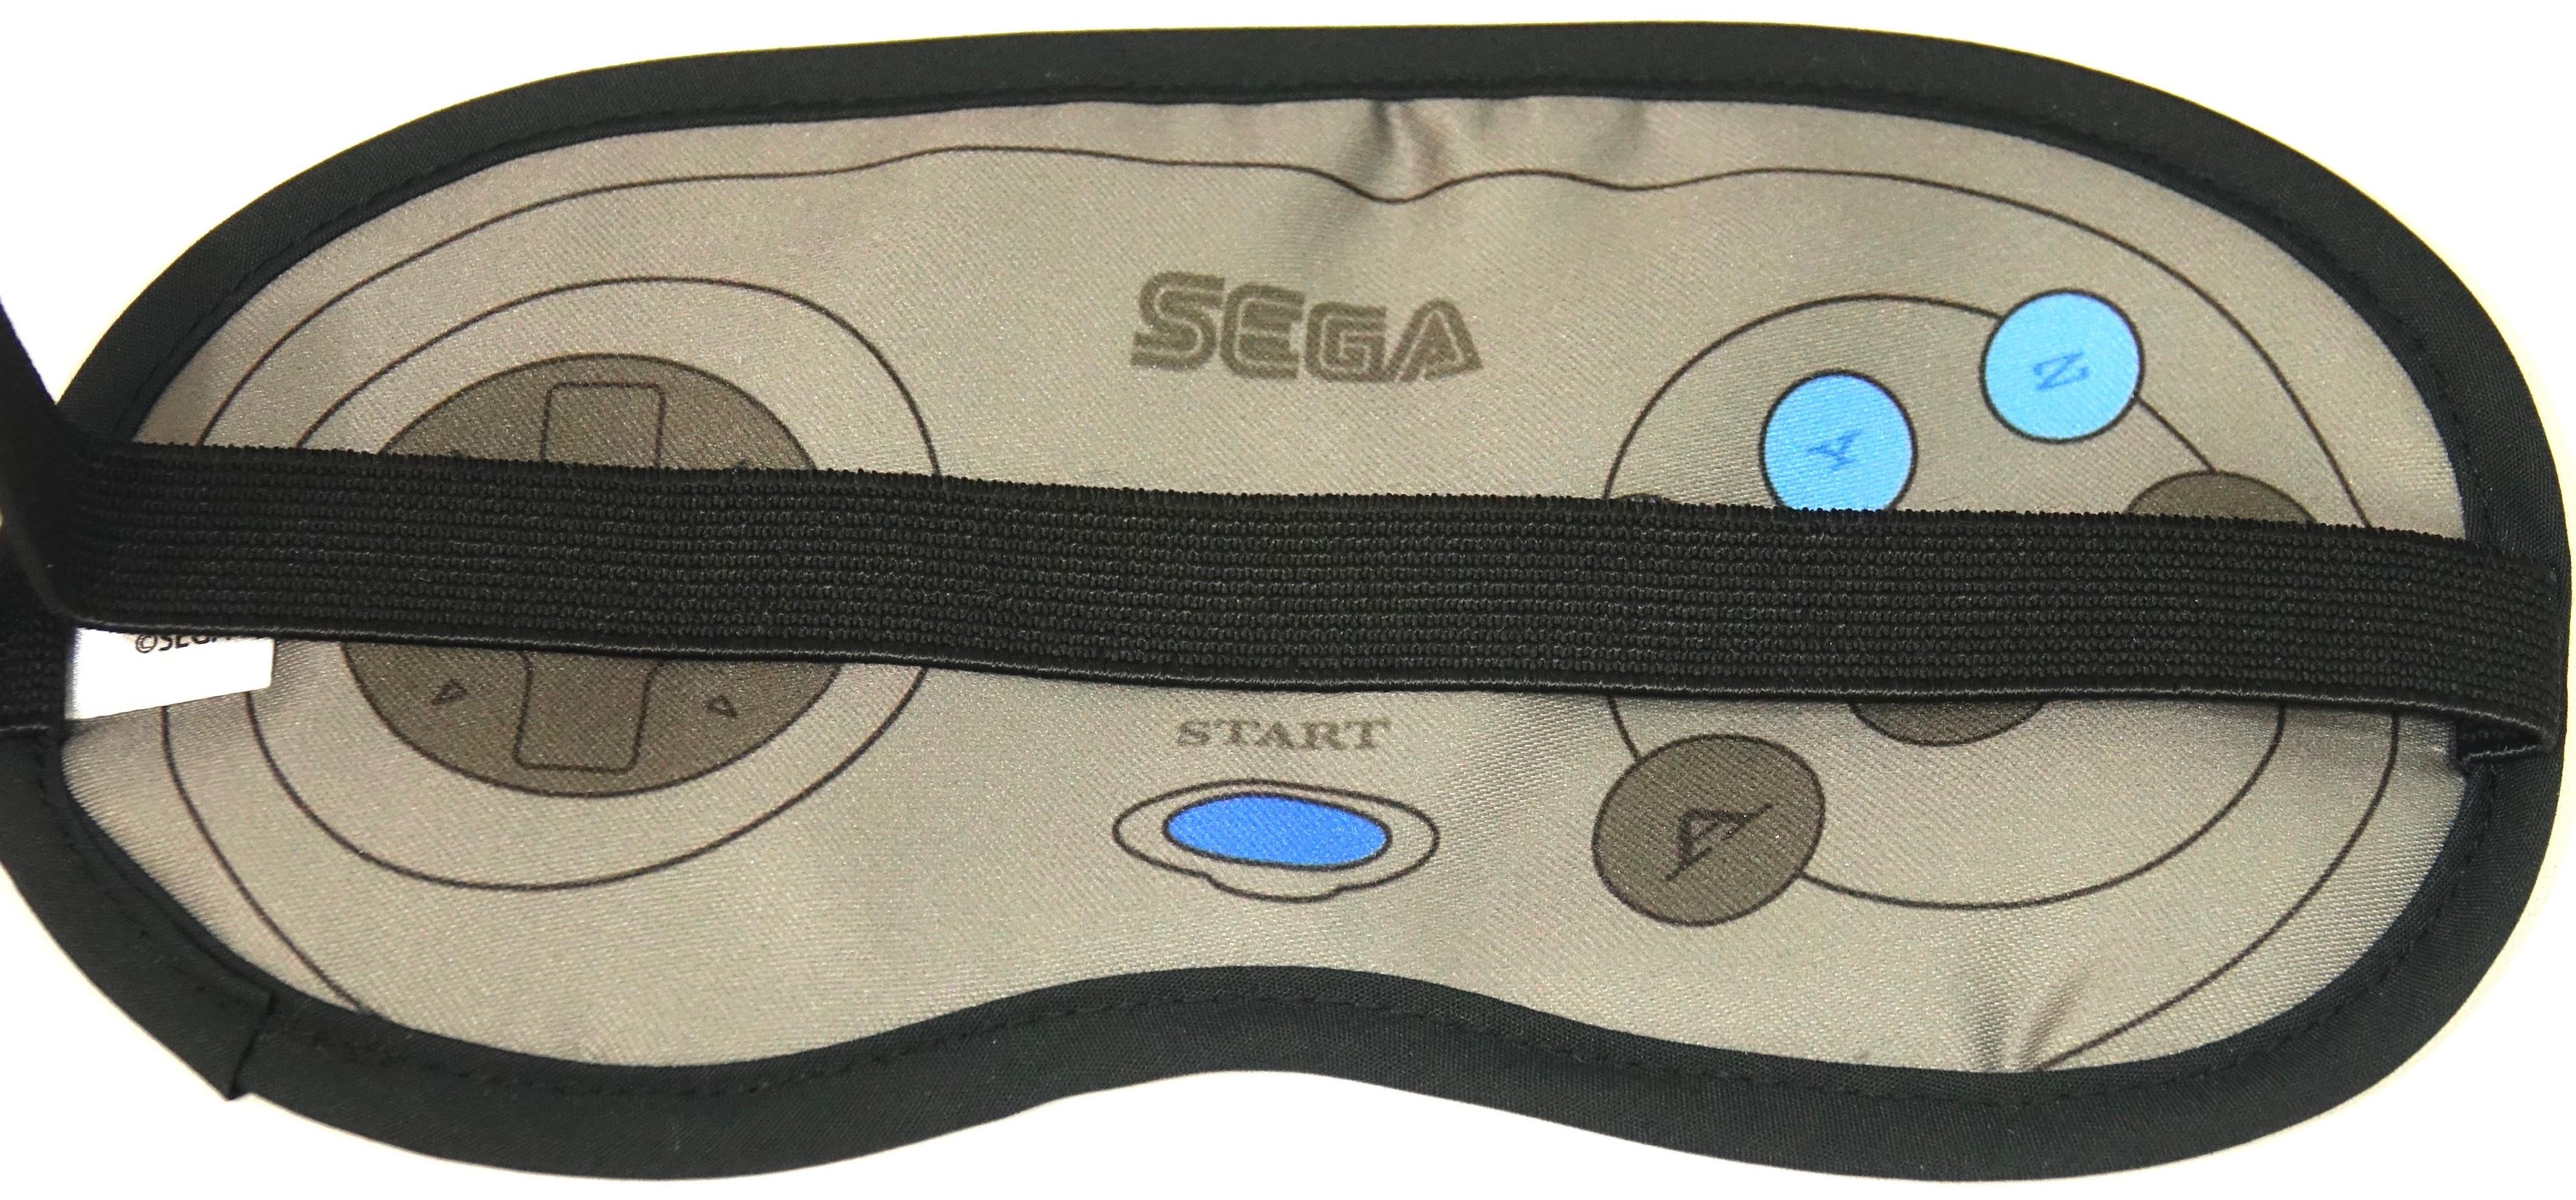 SEGA メガドライブ&セガサターン コントローラー アイマスク / ANIPPON